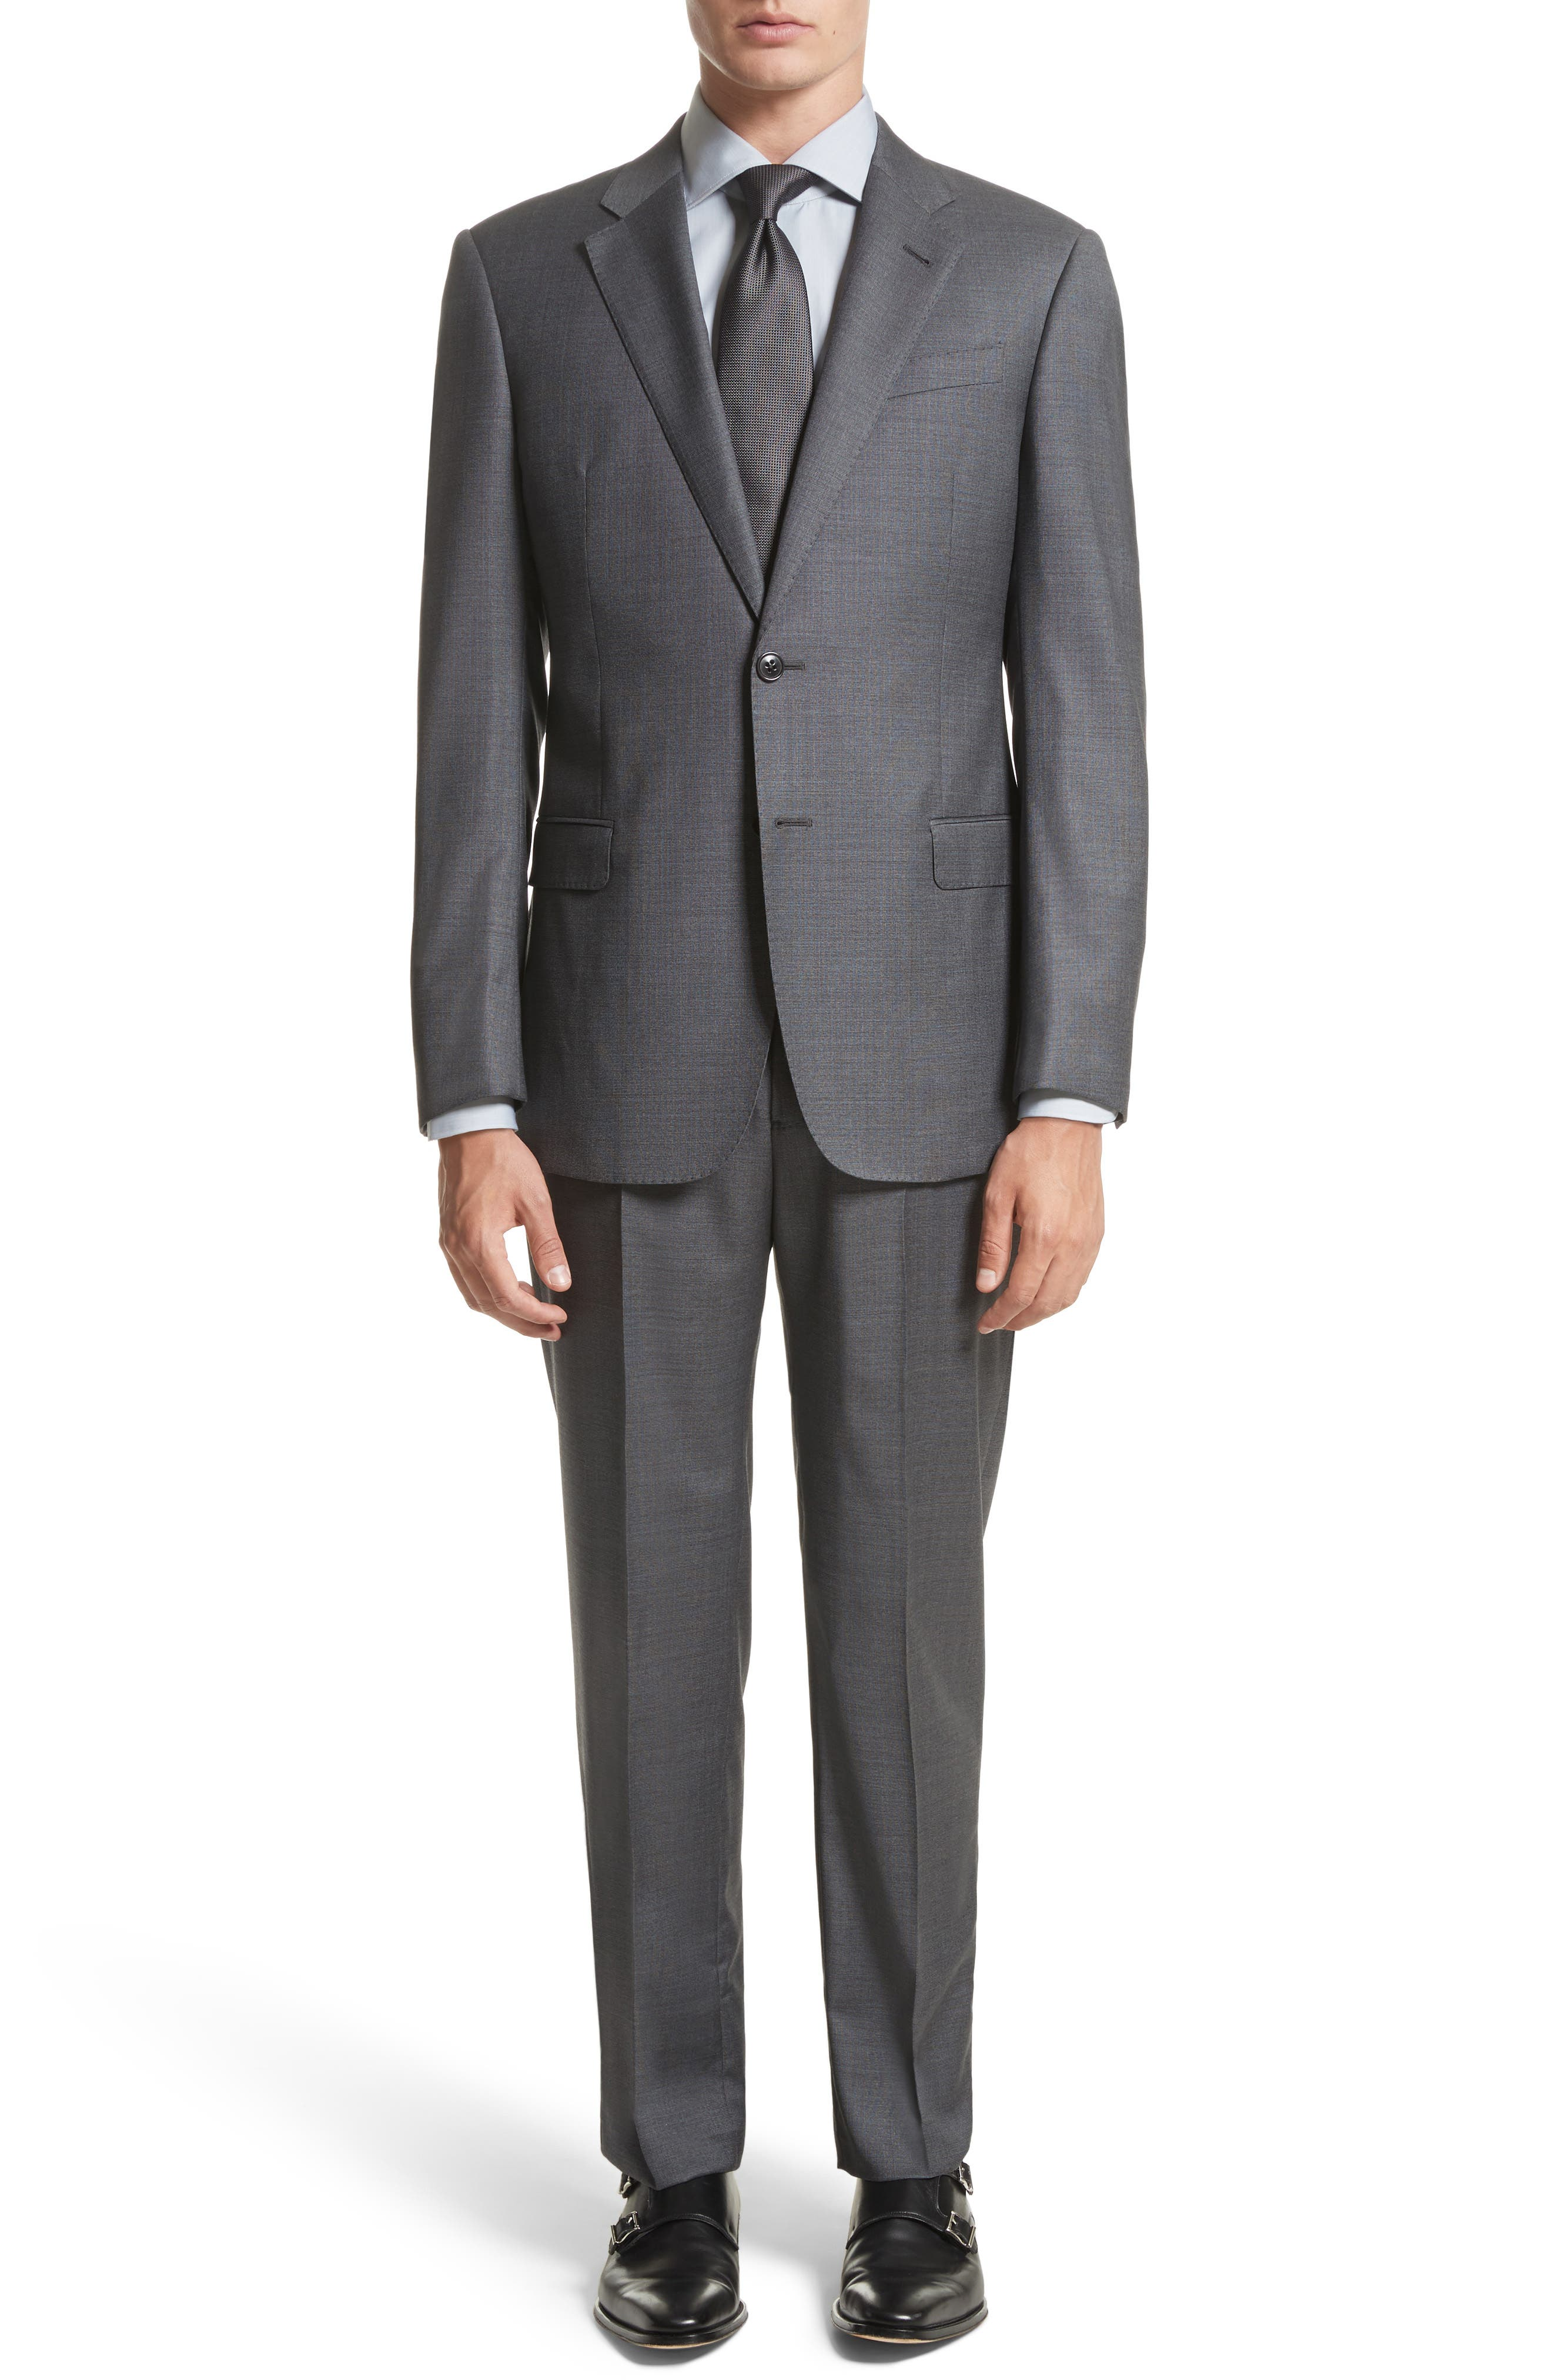 Main Image - Armani Collezioni G-Line Trim Fit Solid Wool Suit